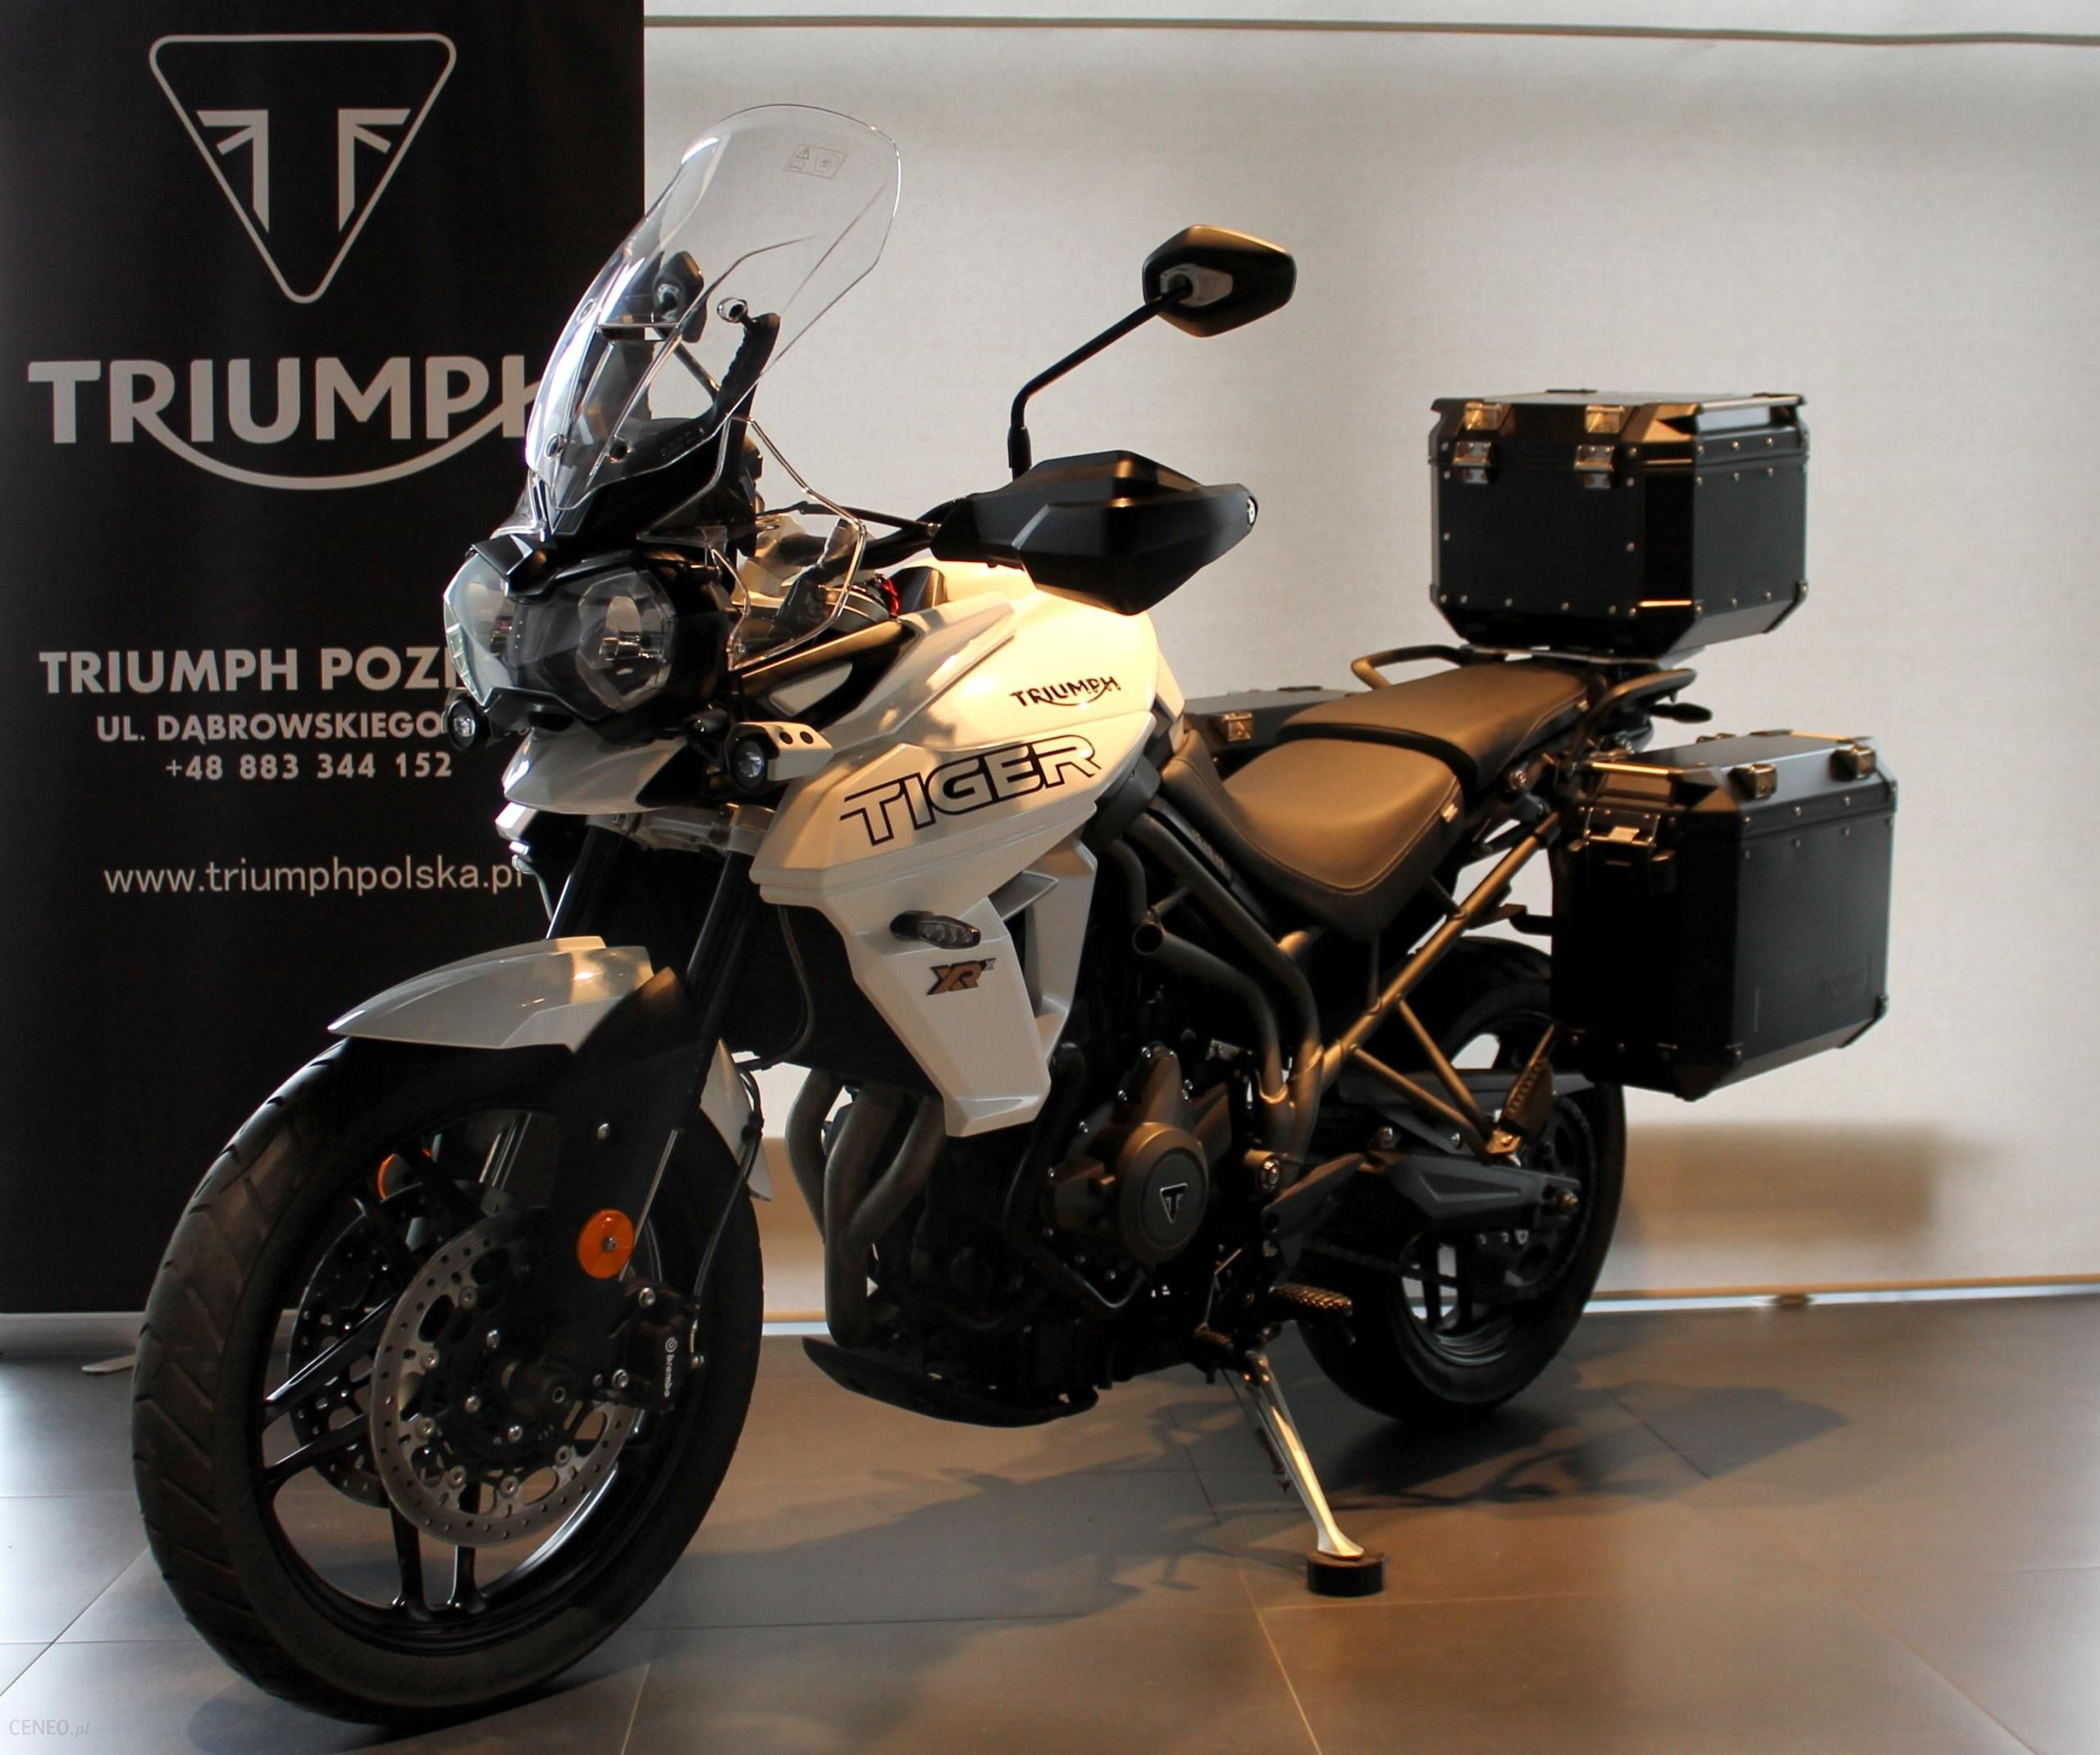 Triumph Tiger 800xrx Demo Triumph Poznan Opinie I Ceny Na Ceneo Pl